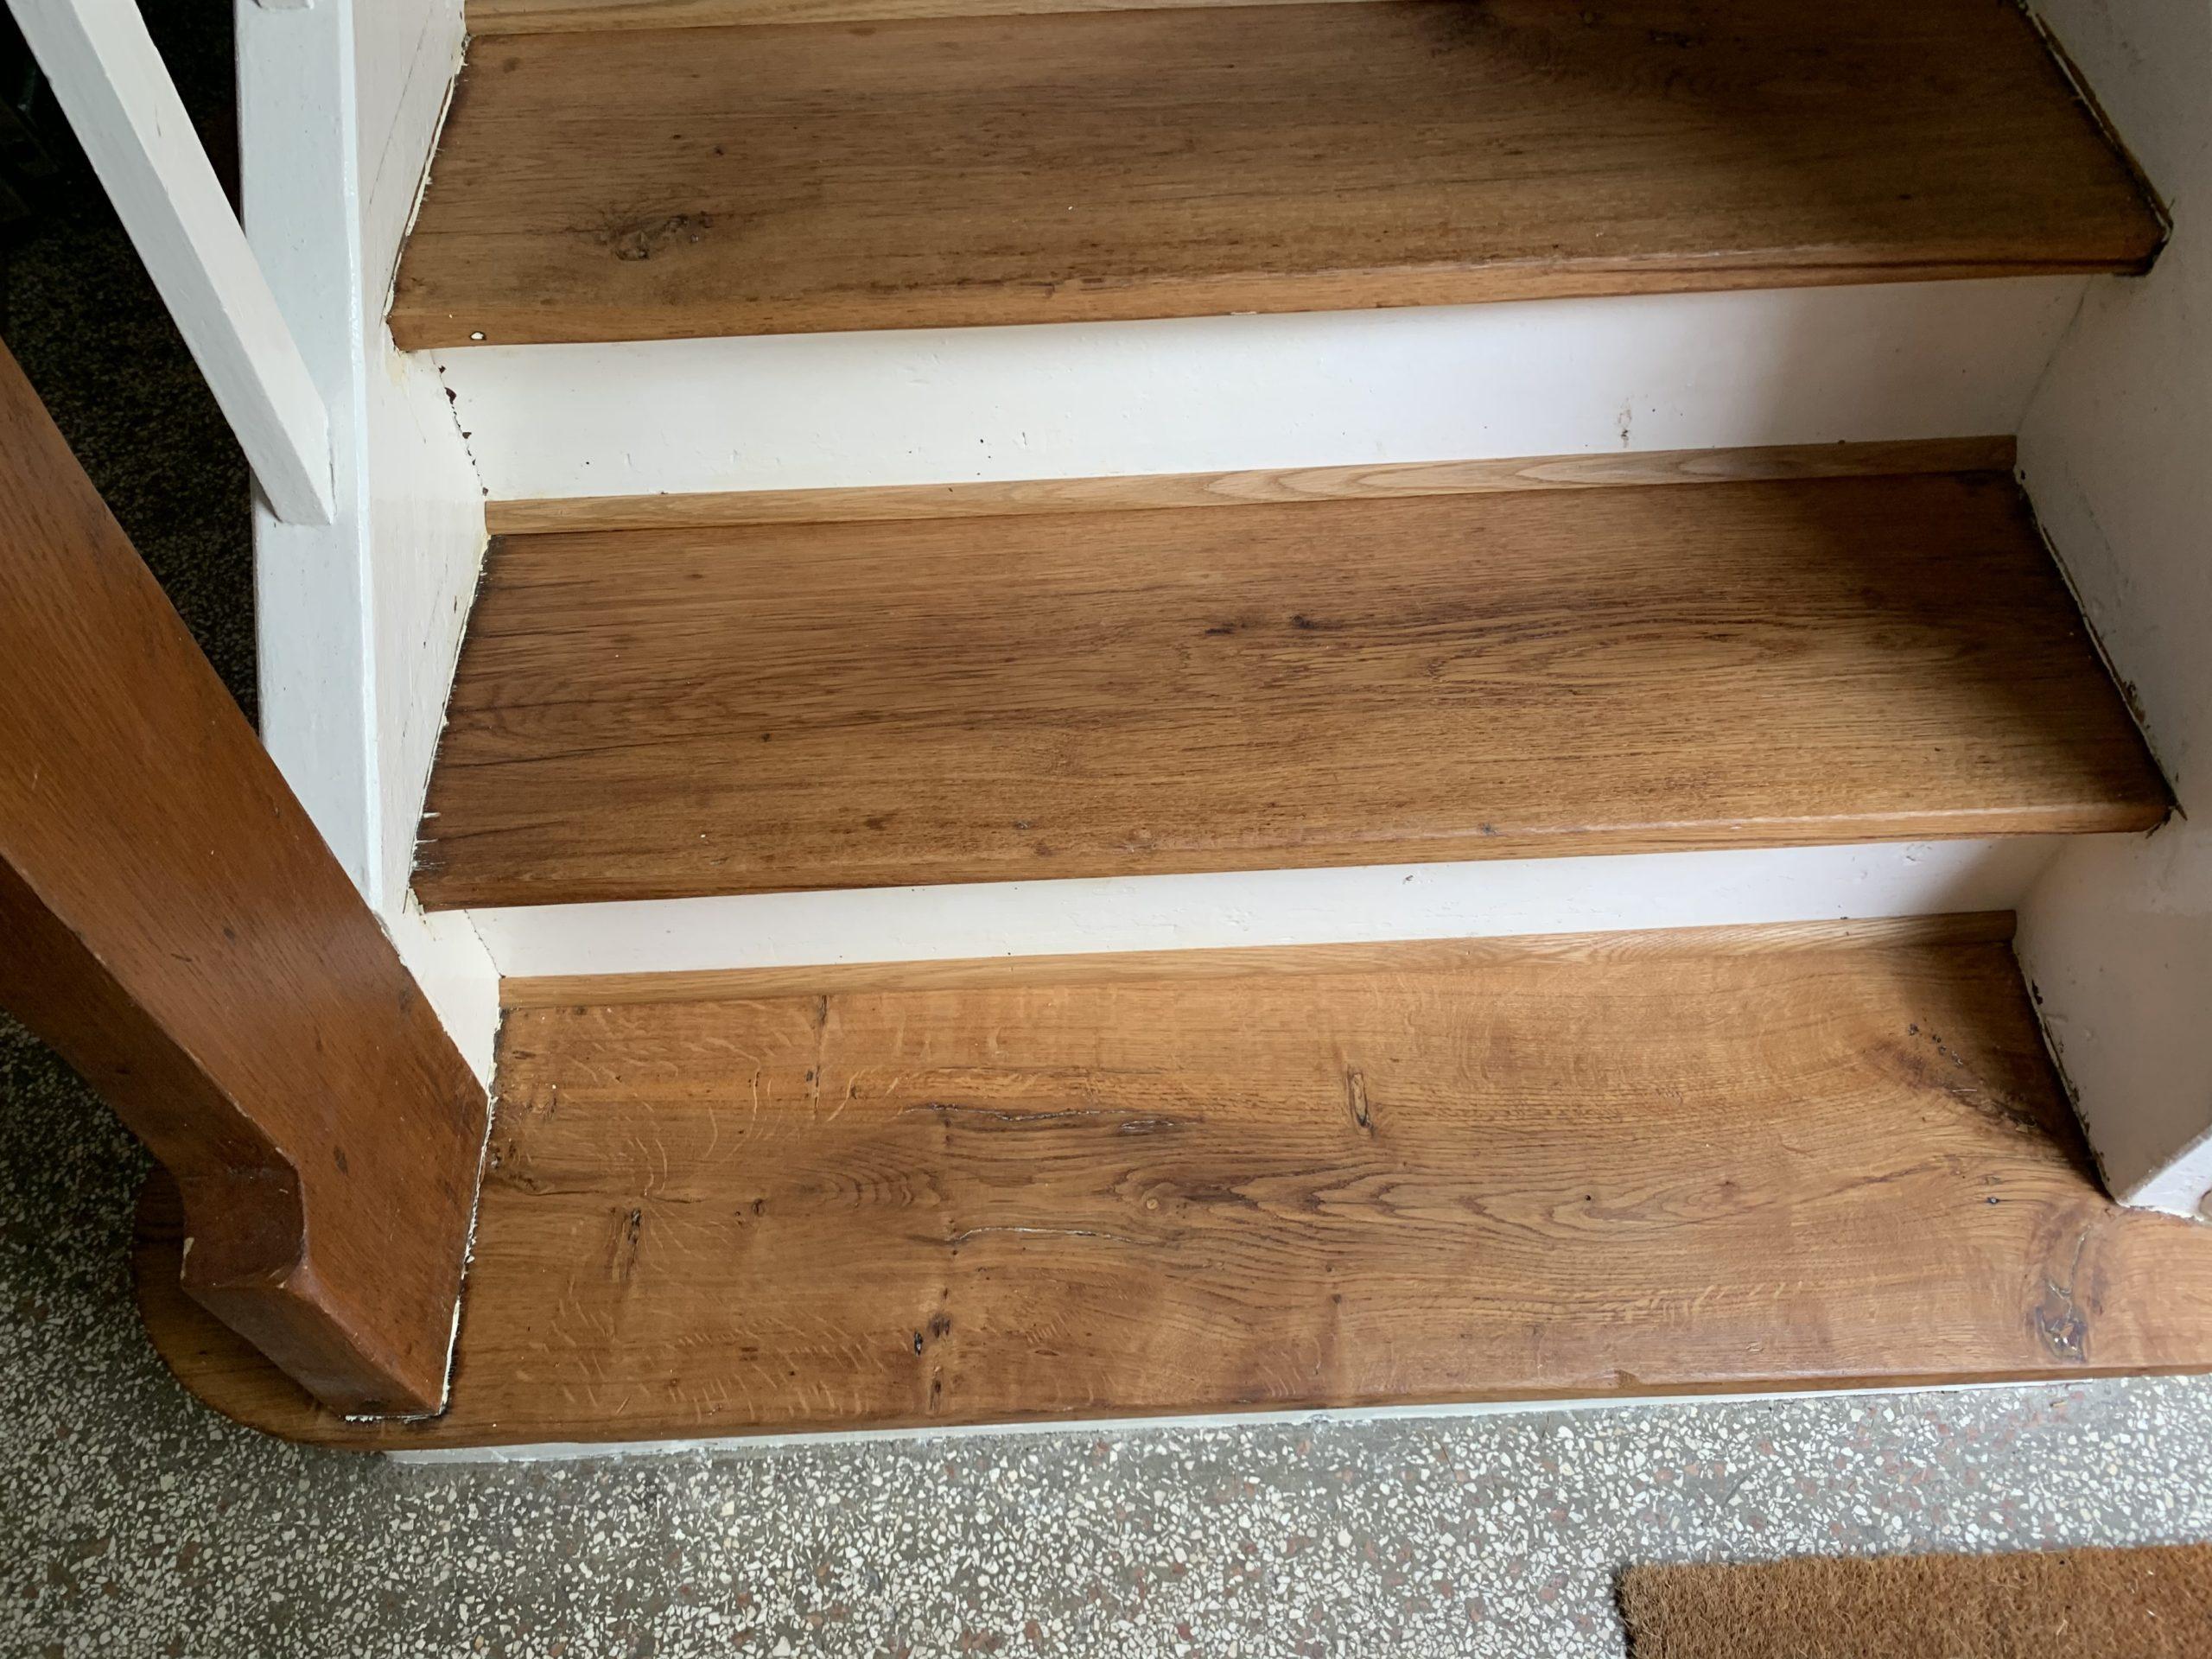 ehemals komplett weiß lackierte Treppe - abgeschliffen und geölt